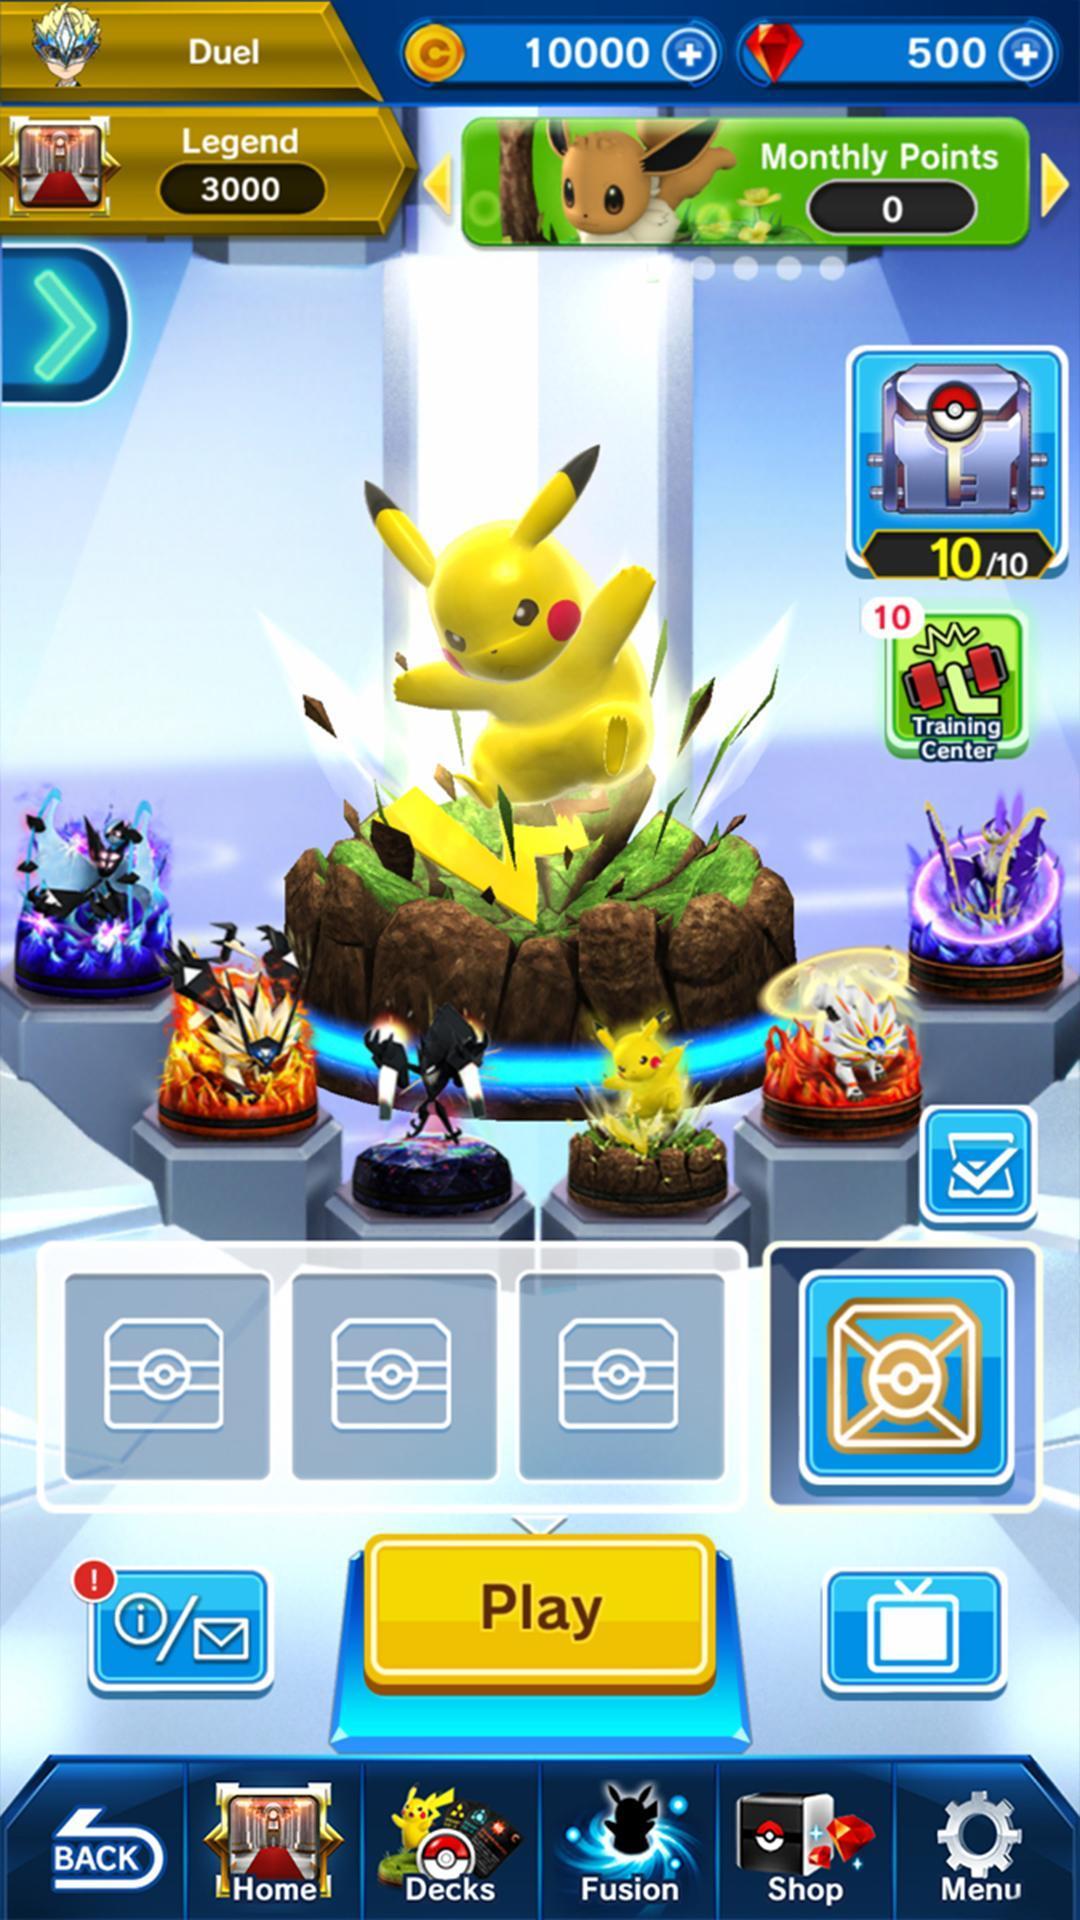 Pokémon Duel 7.0.15 Screenshot 5